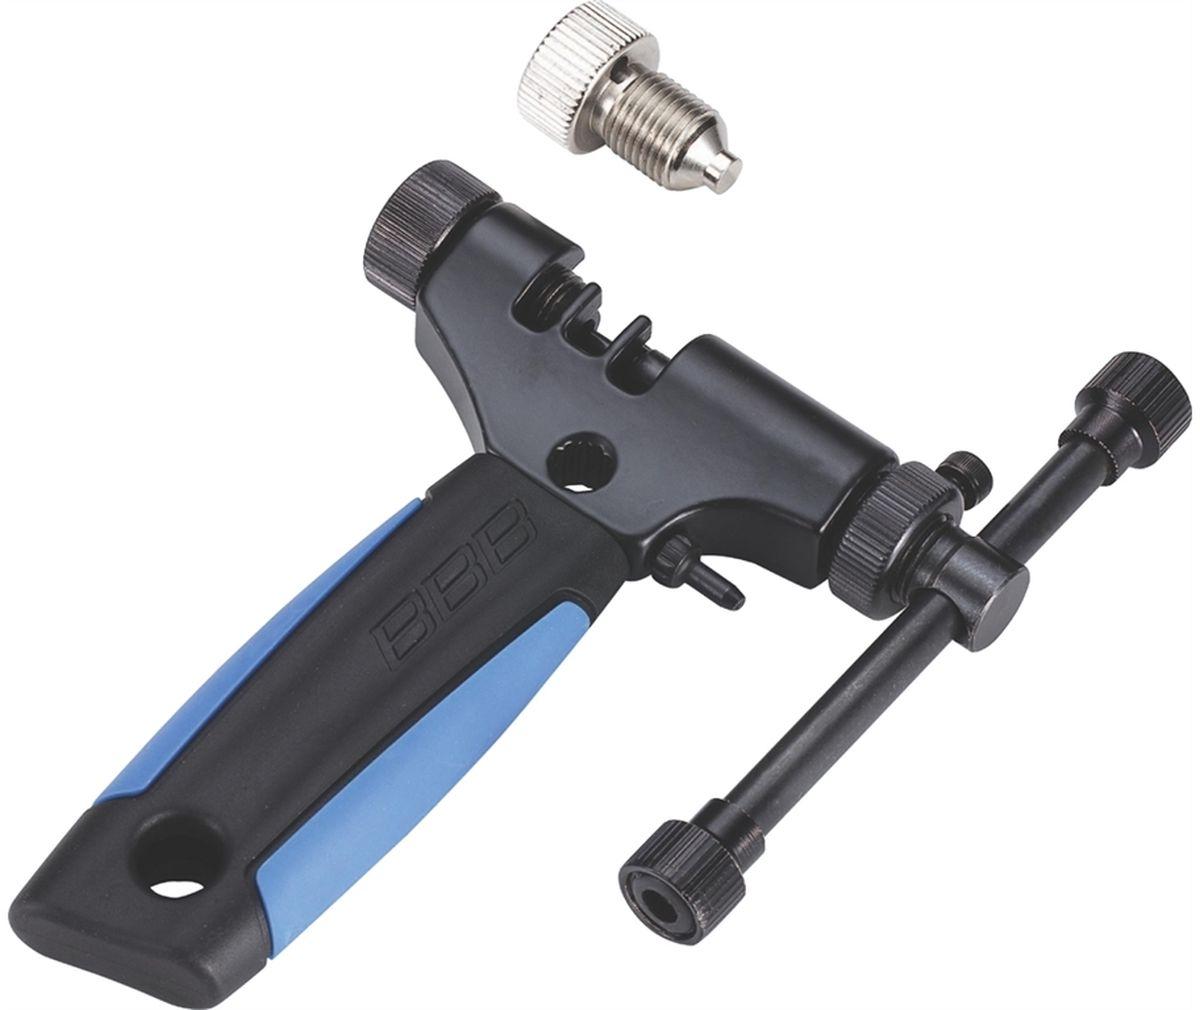 Выжимка цепи BBB ProficonnectBTL-55Профессиональная выжимка цепи.Подходит для всех цепей, включая 11 скоростные.Полностью регулируется под ширину цепи.Удобная резиновая ручка.В комплекте деталь для цепи Campagnolo 11 скоростей.Запасной пин в комплекте.